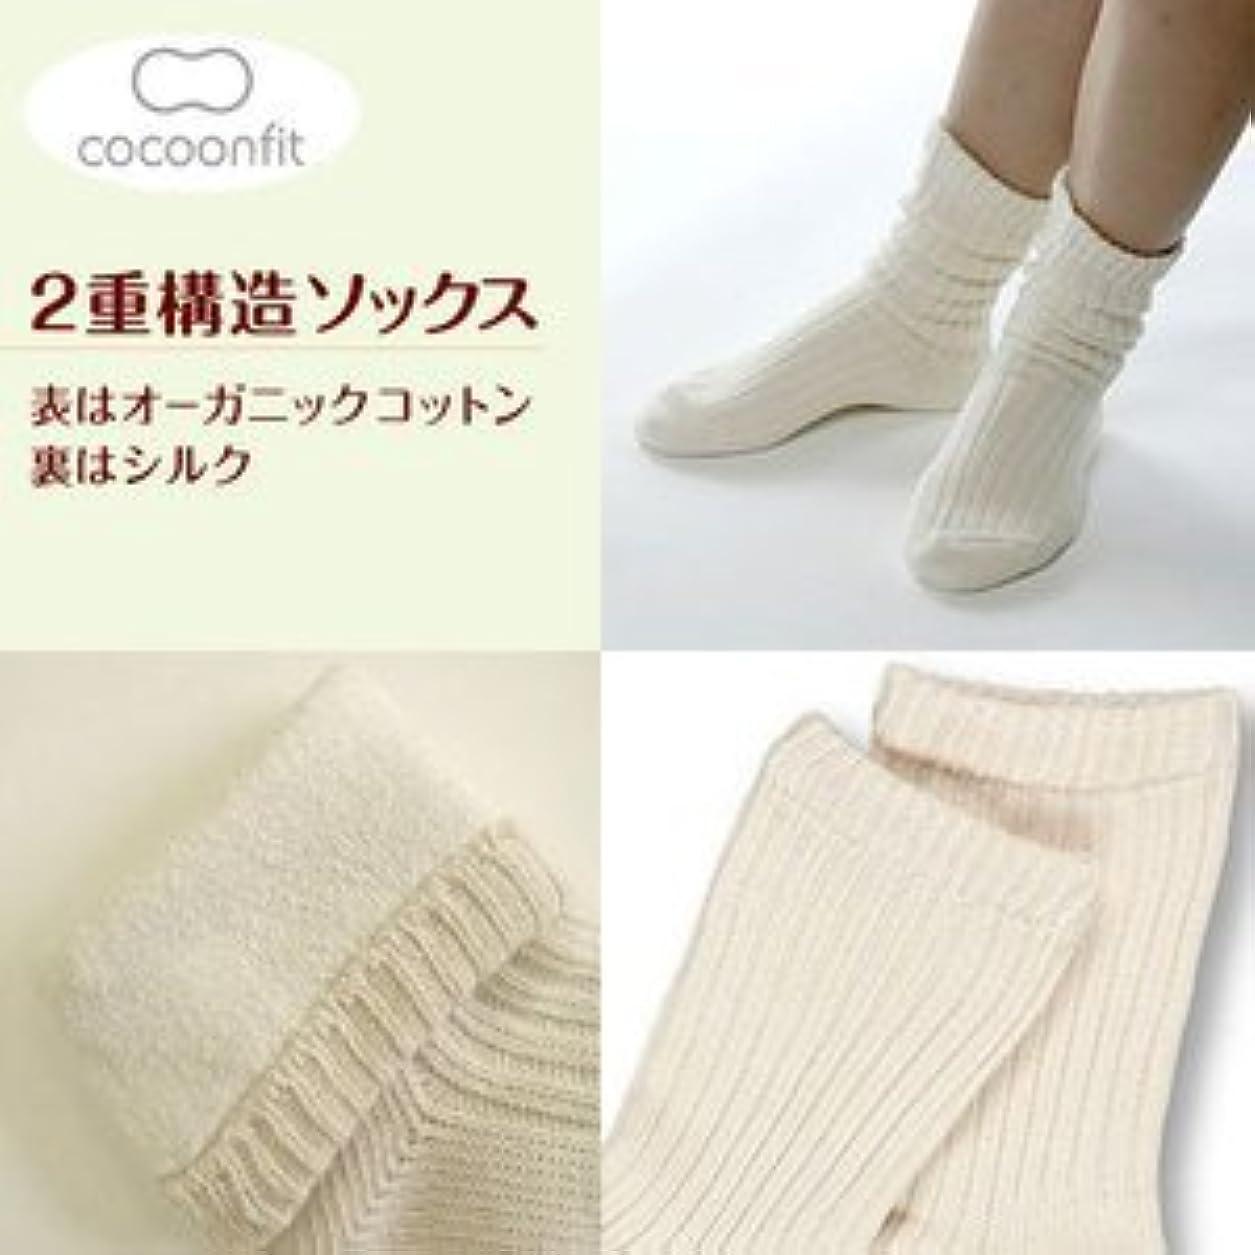 成分優れました自発的シルク 2重編みソックス (冷え取り靴下、冷えとり 靴下 シルク、重ね、二重)